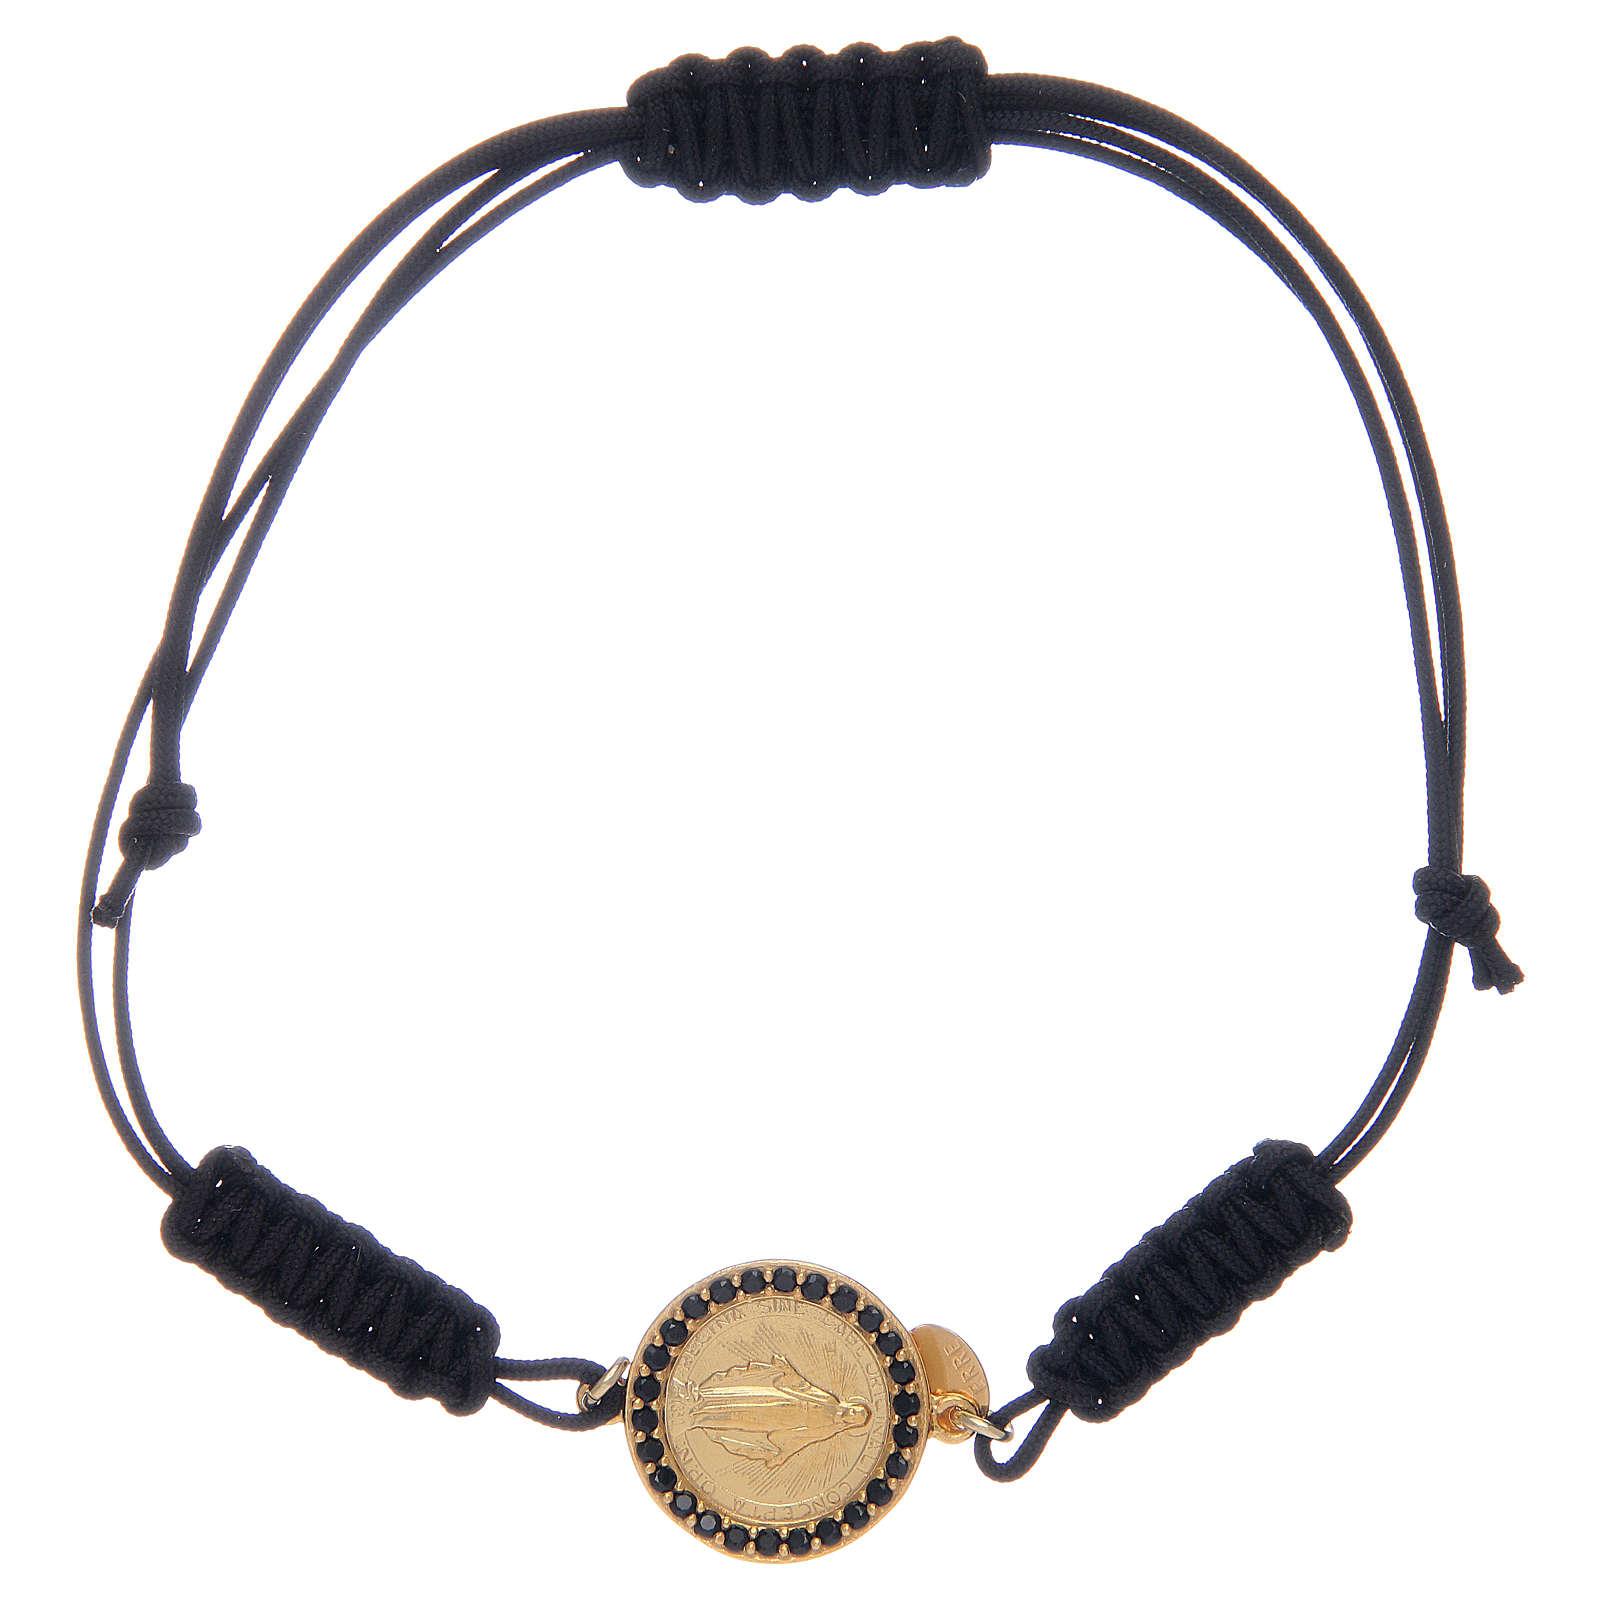 Armband wunderbare Medaille und schwarzen Zirkonen Silber 925 4